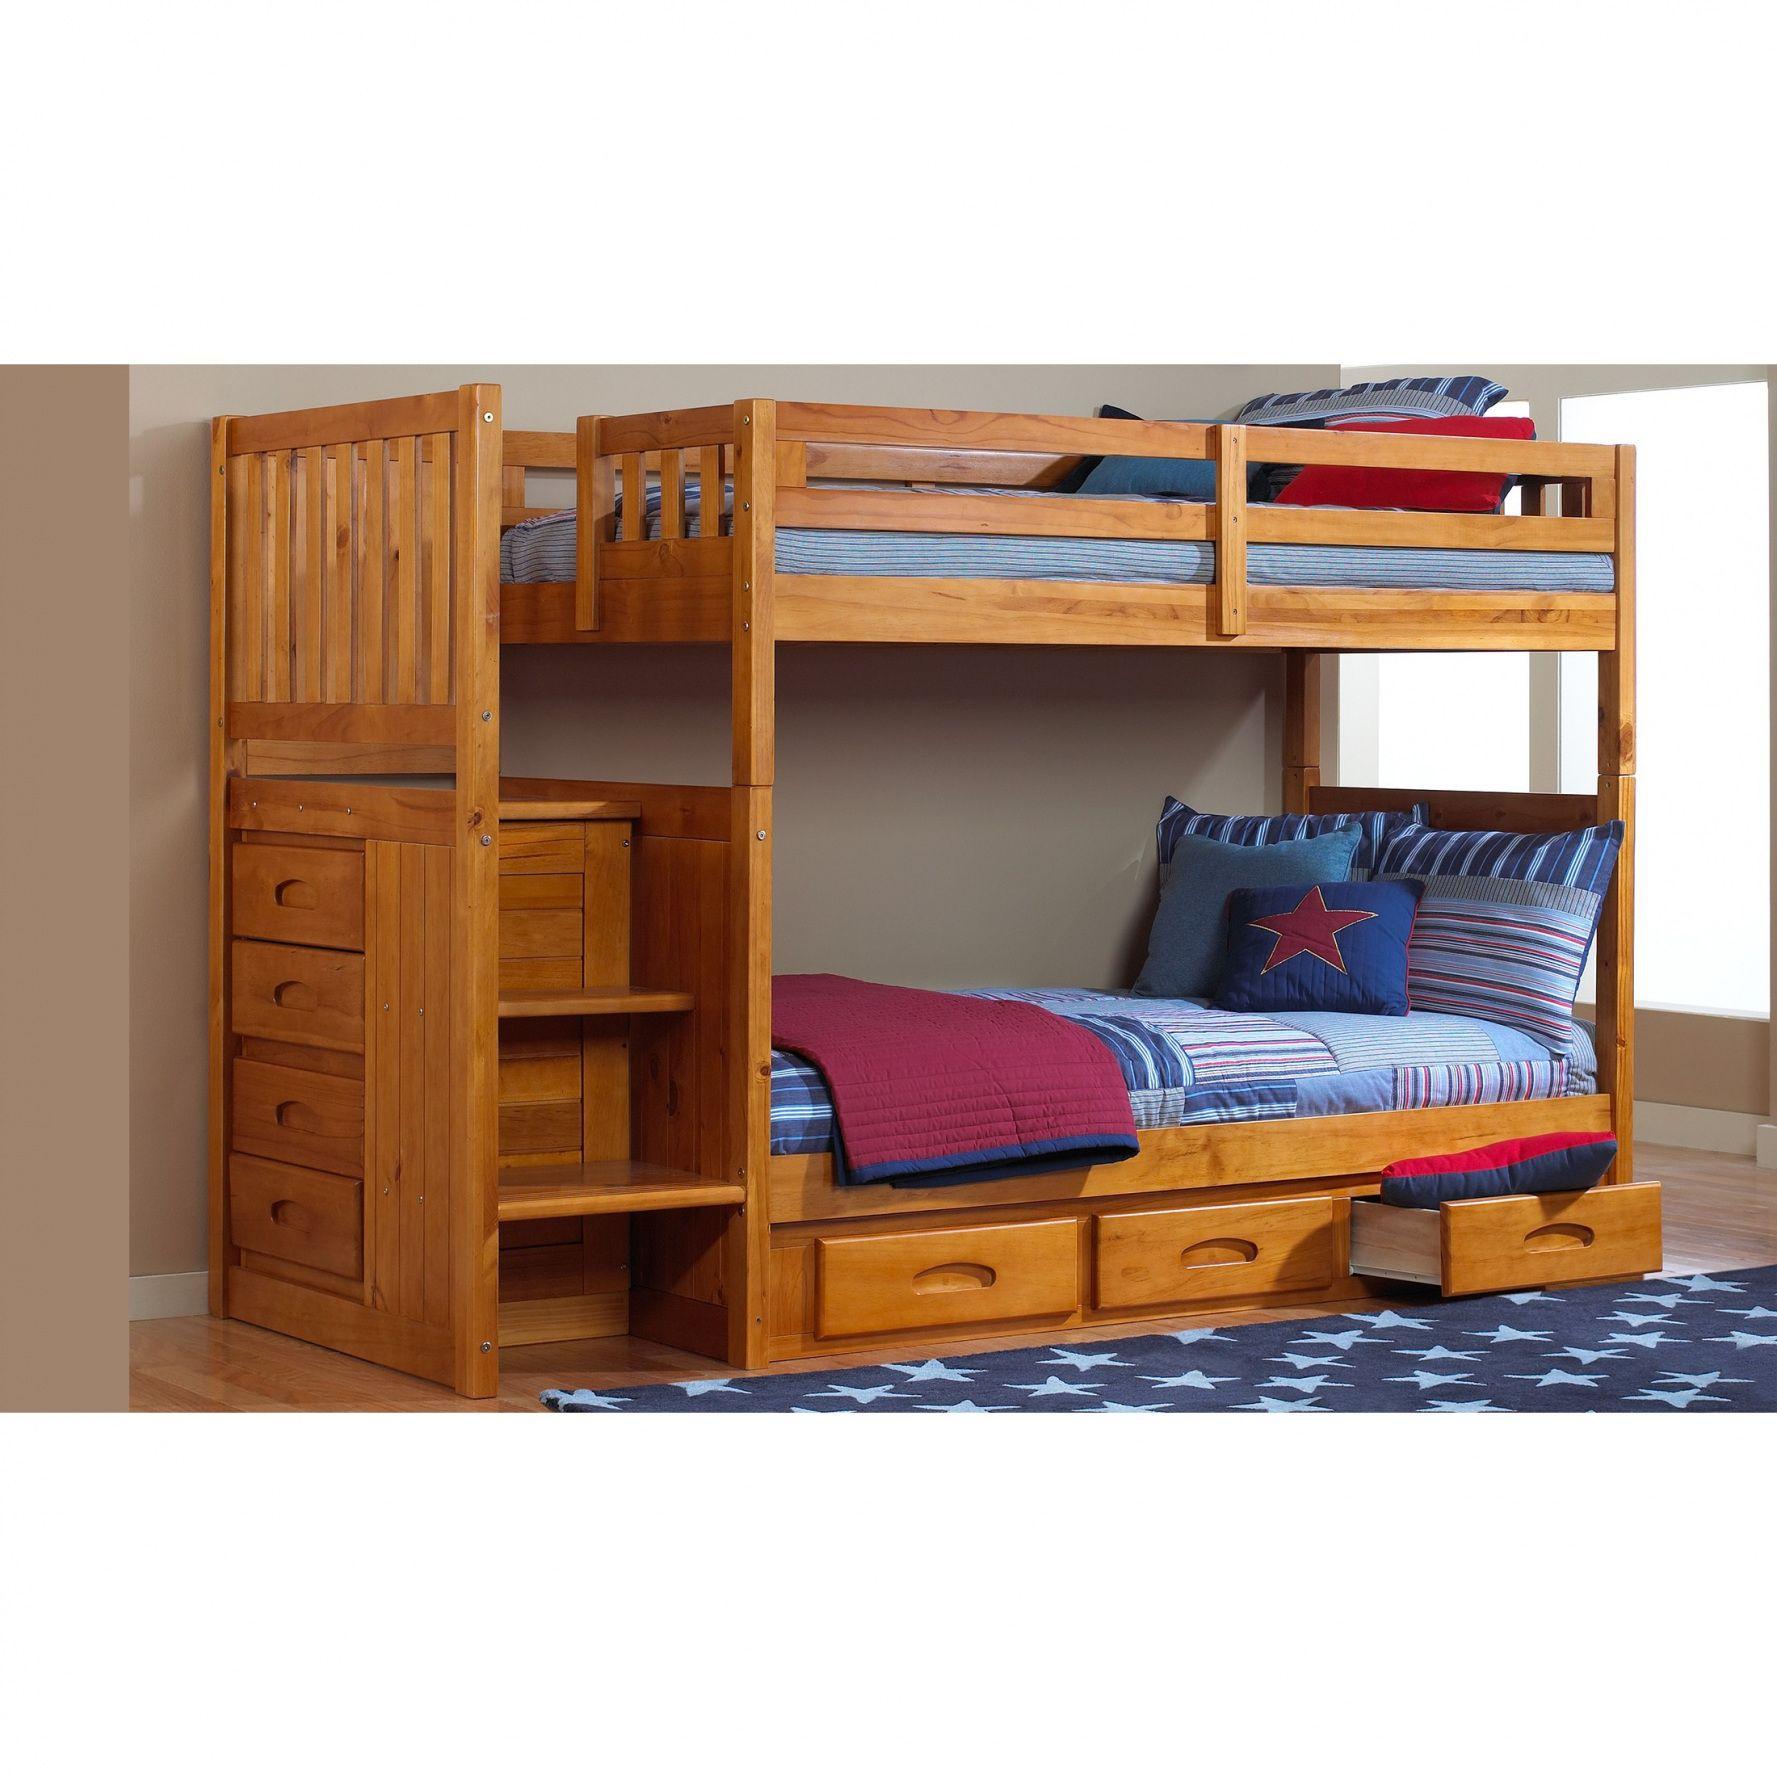 Loft bed with desk on bottom   Dresser Bunk Beds  Mens Bedroom Interior Design Check more at